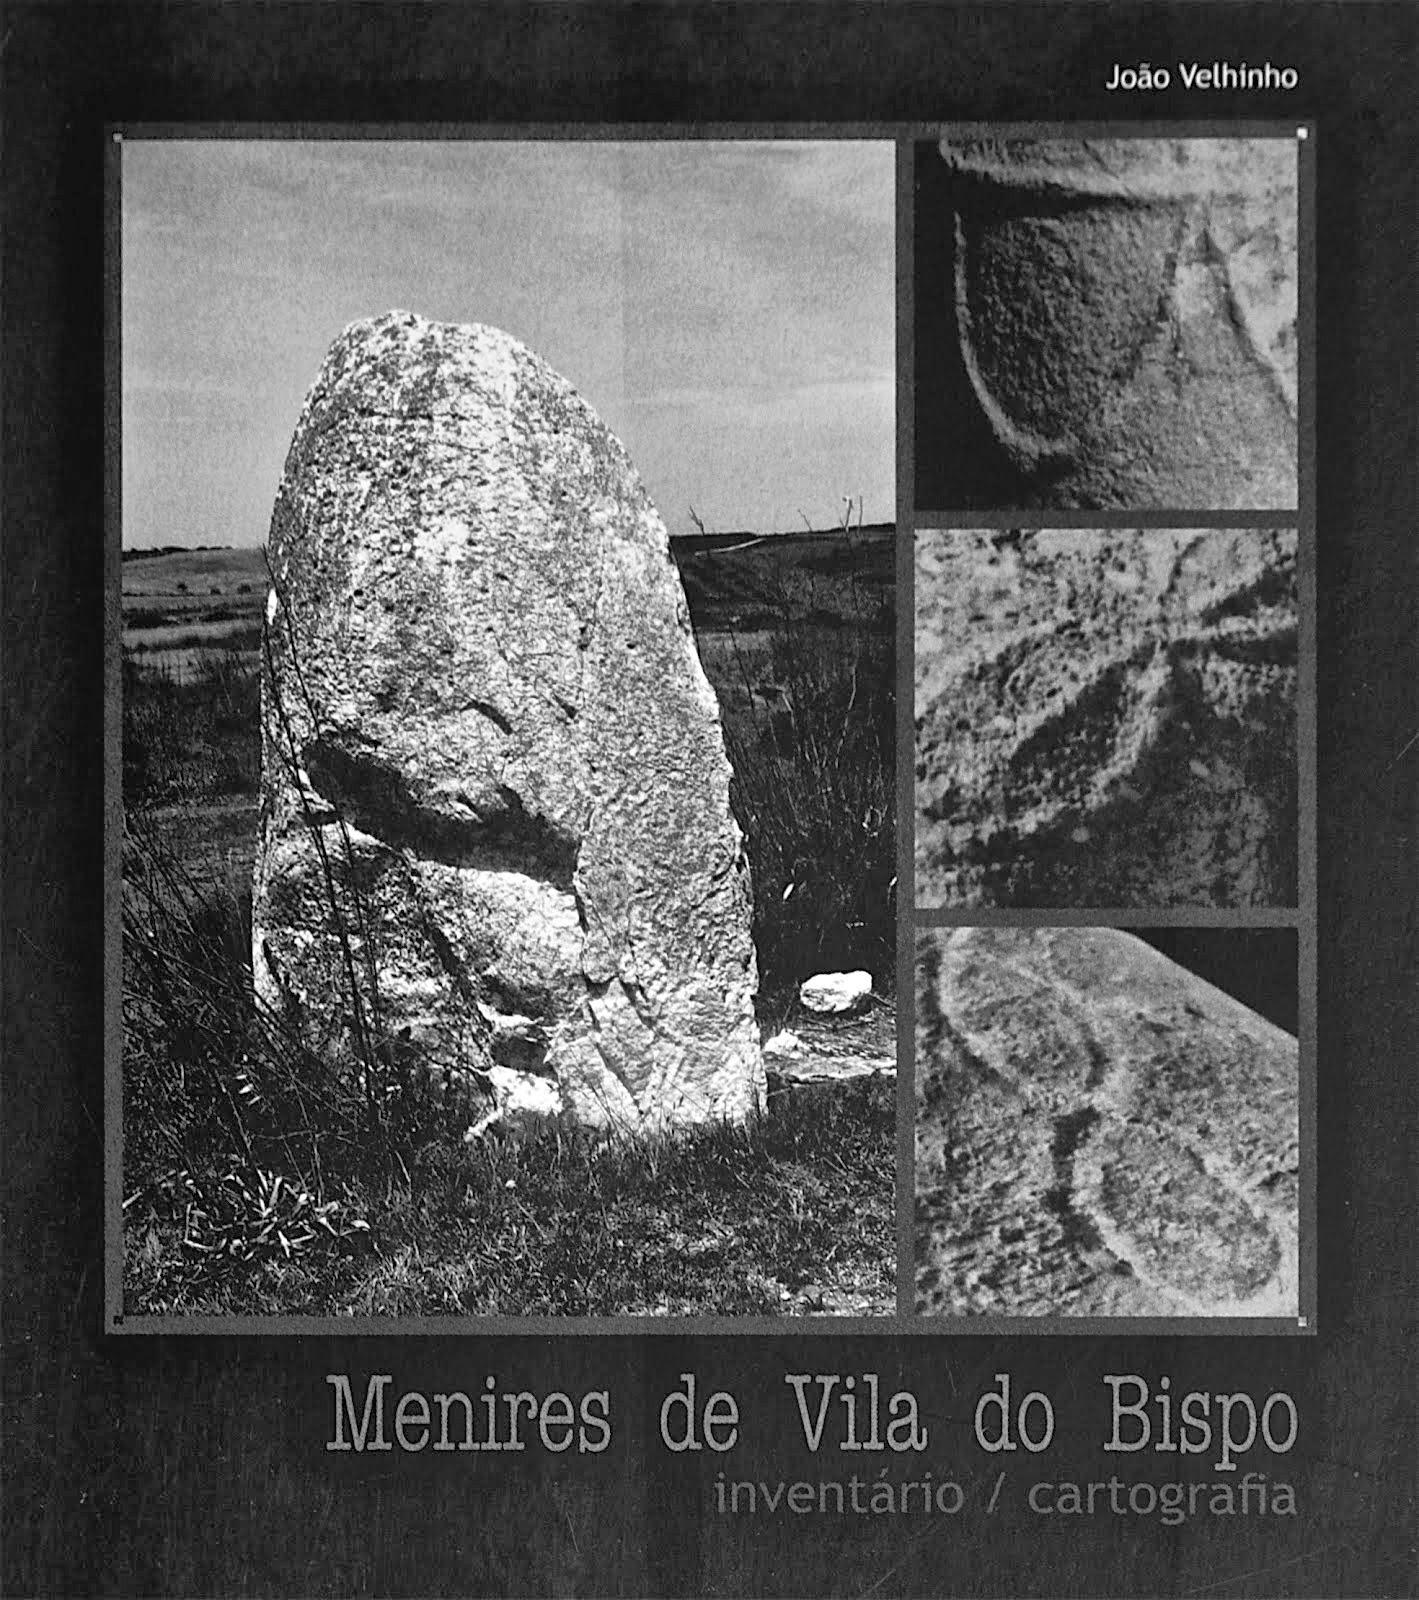 Menires de Vila do Bispo - inventário/cartografia